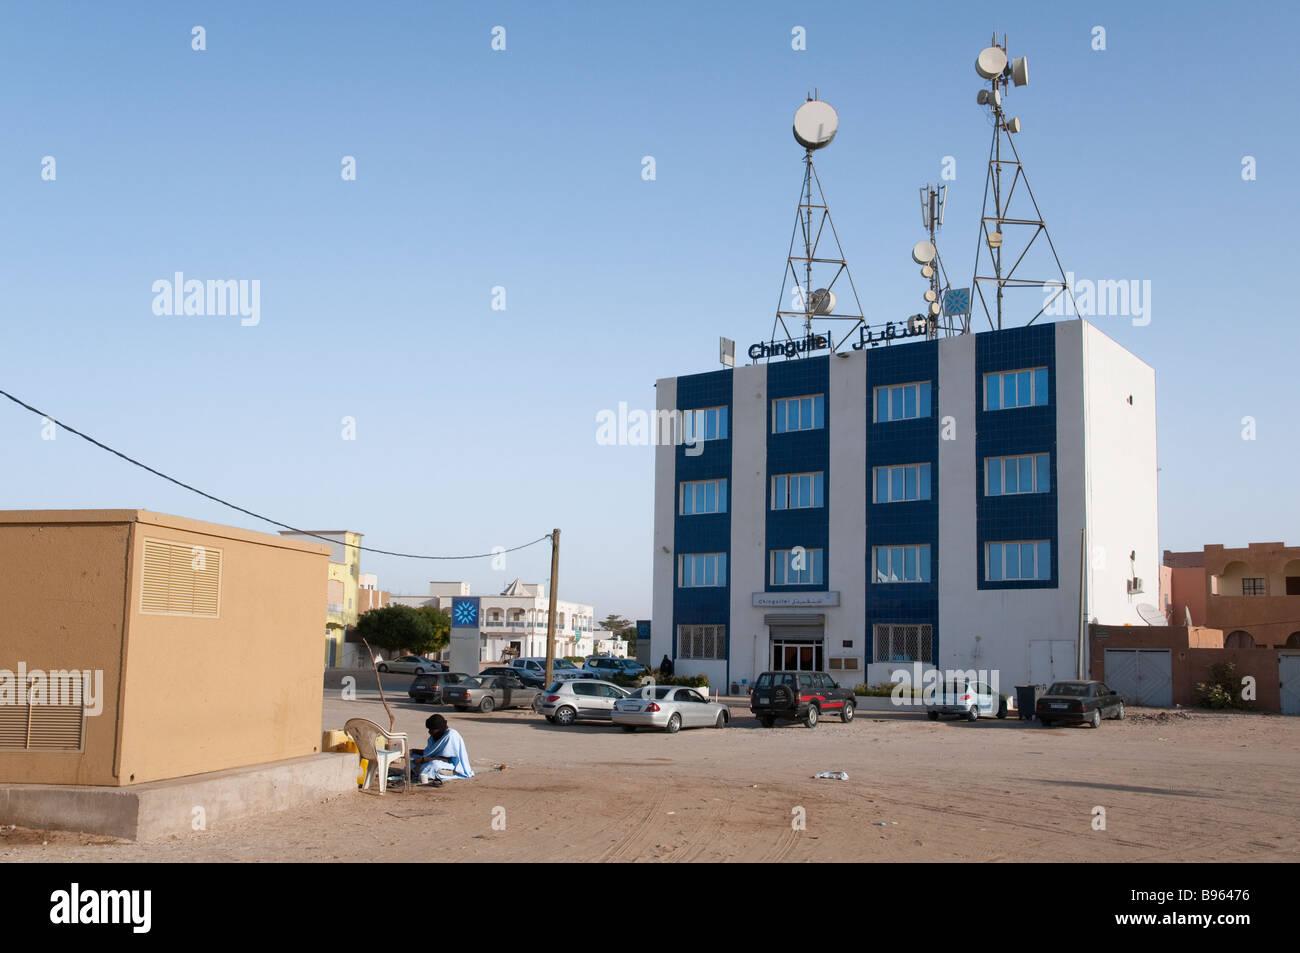 West Africa Mauritania Nouakchott City Centre Chinguitel building - Stock Image